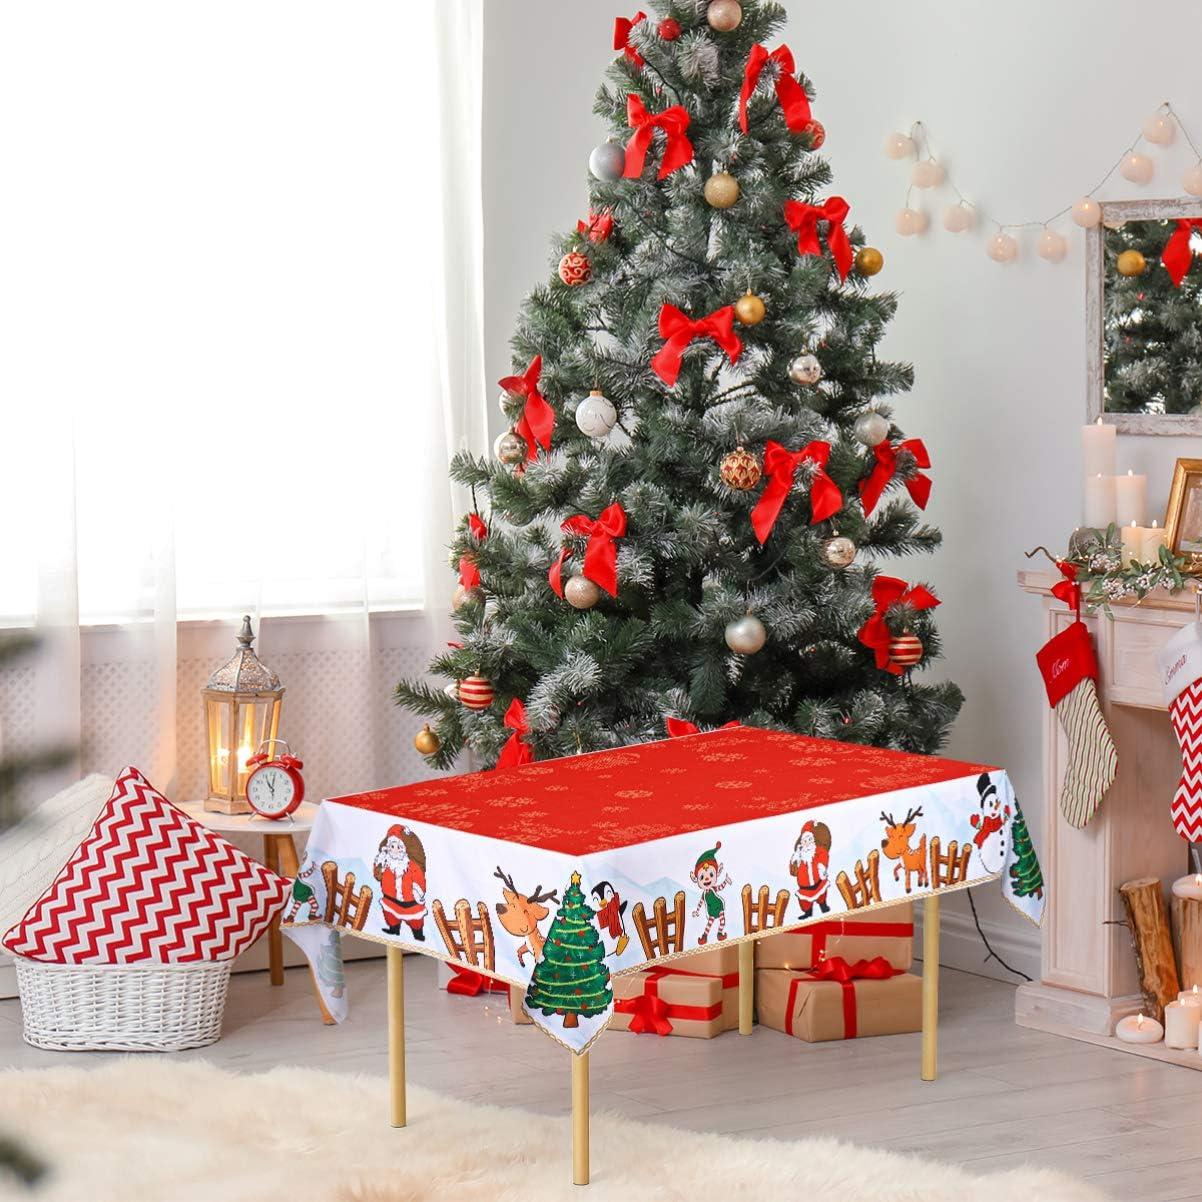 Mantel de Navidad Hemoton dise/ño navide/ño 84 x 60 cm